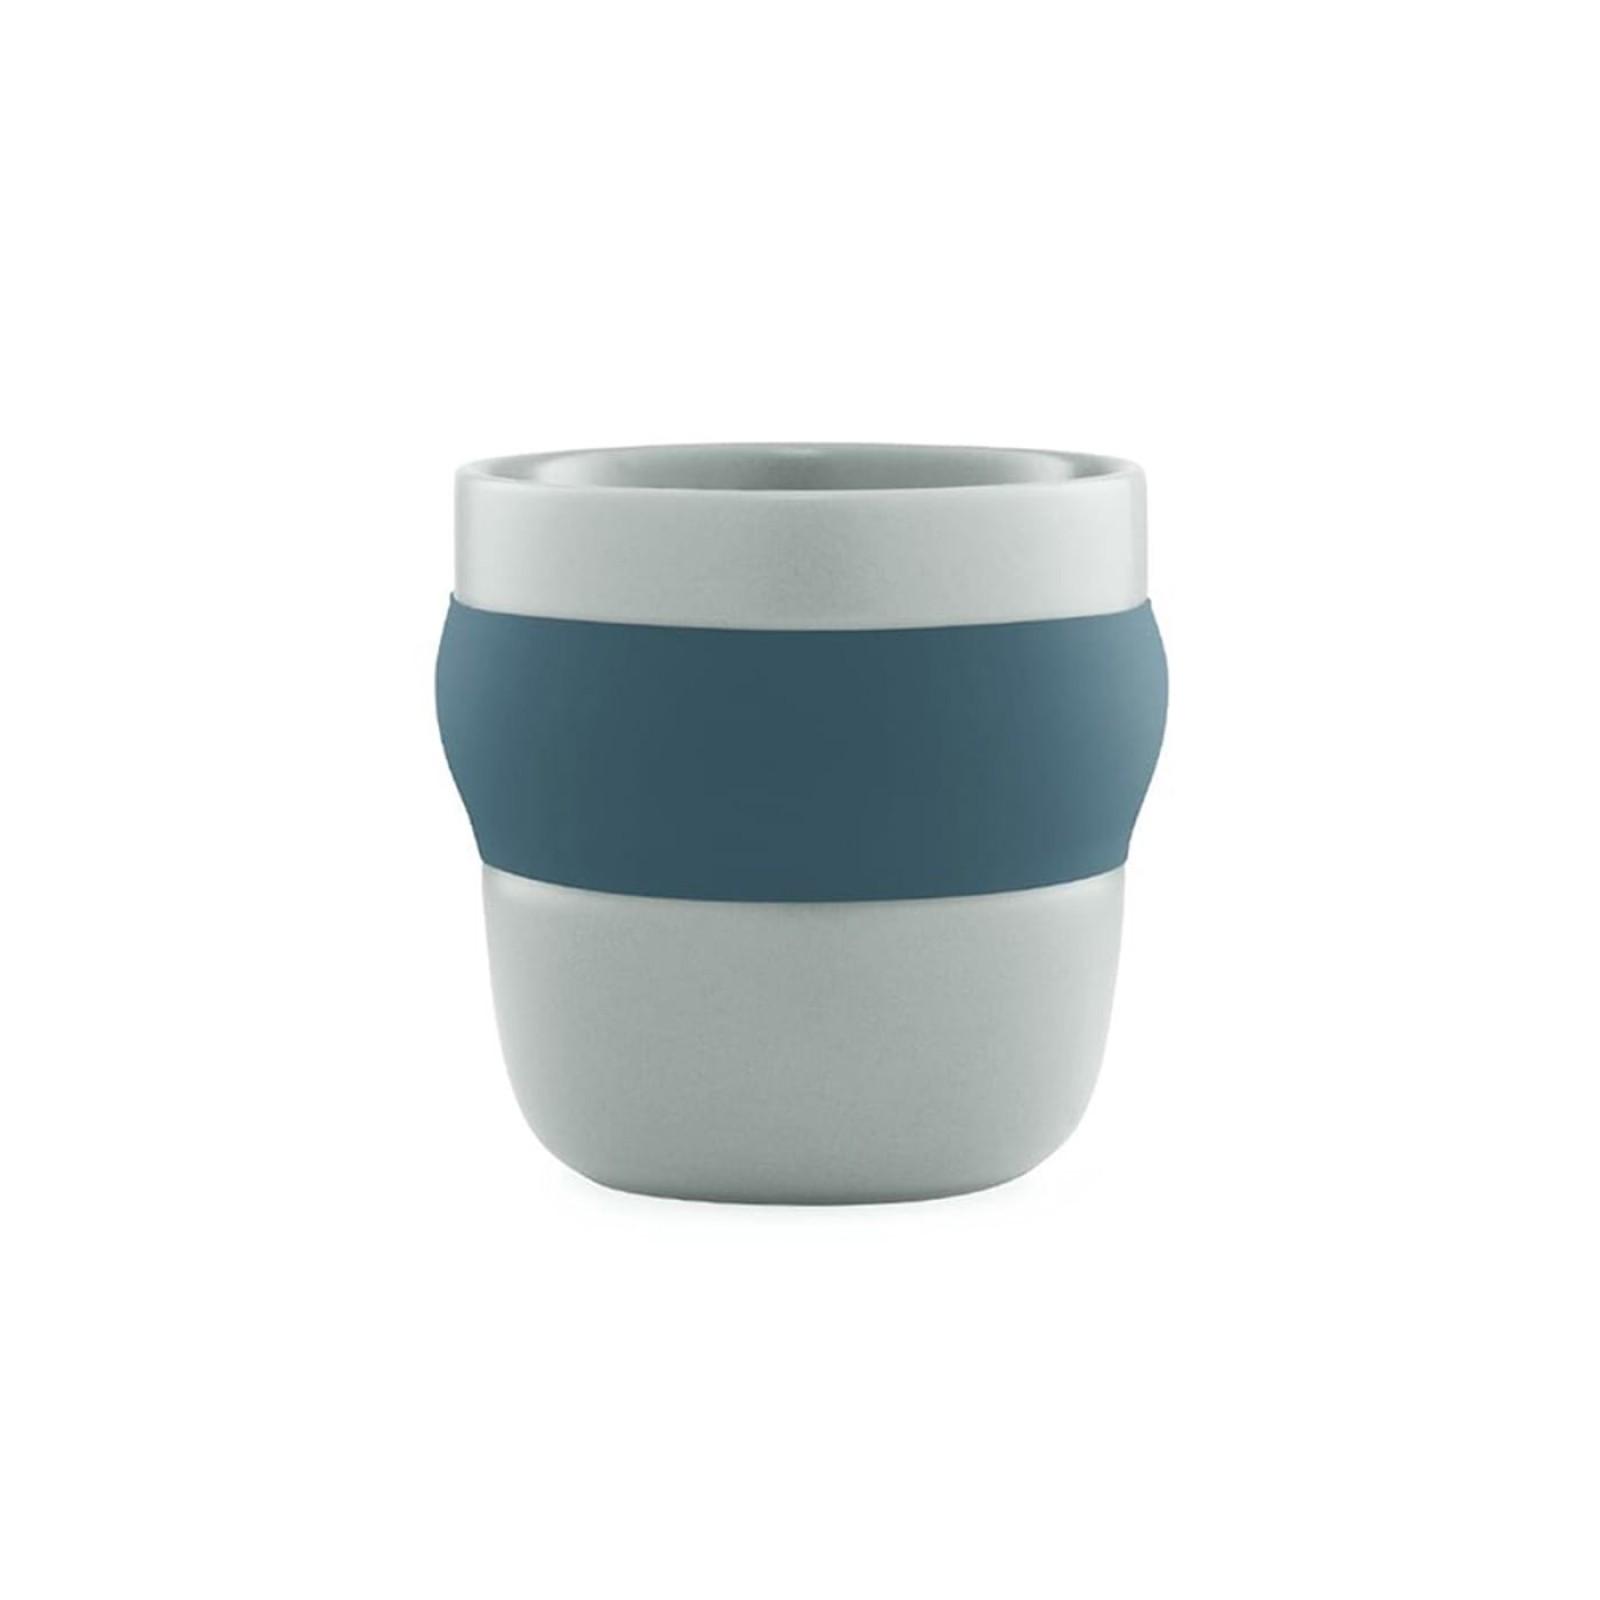 Obi Cup (Light Blue) - Normann Copenhagen